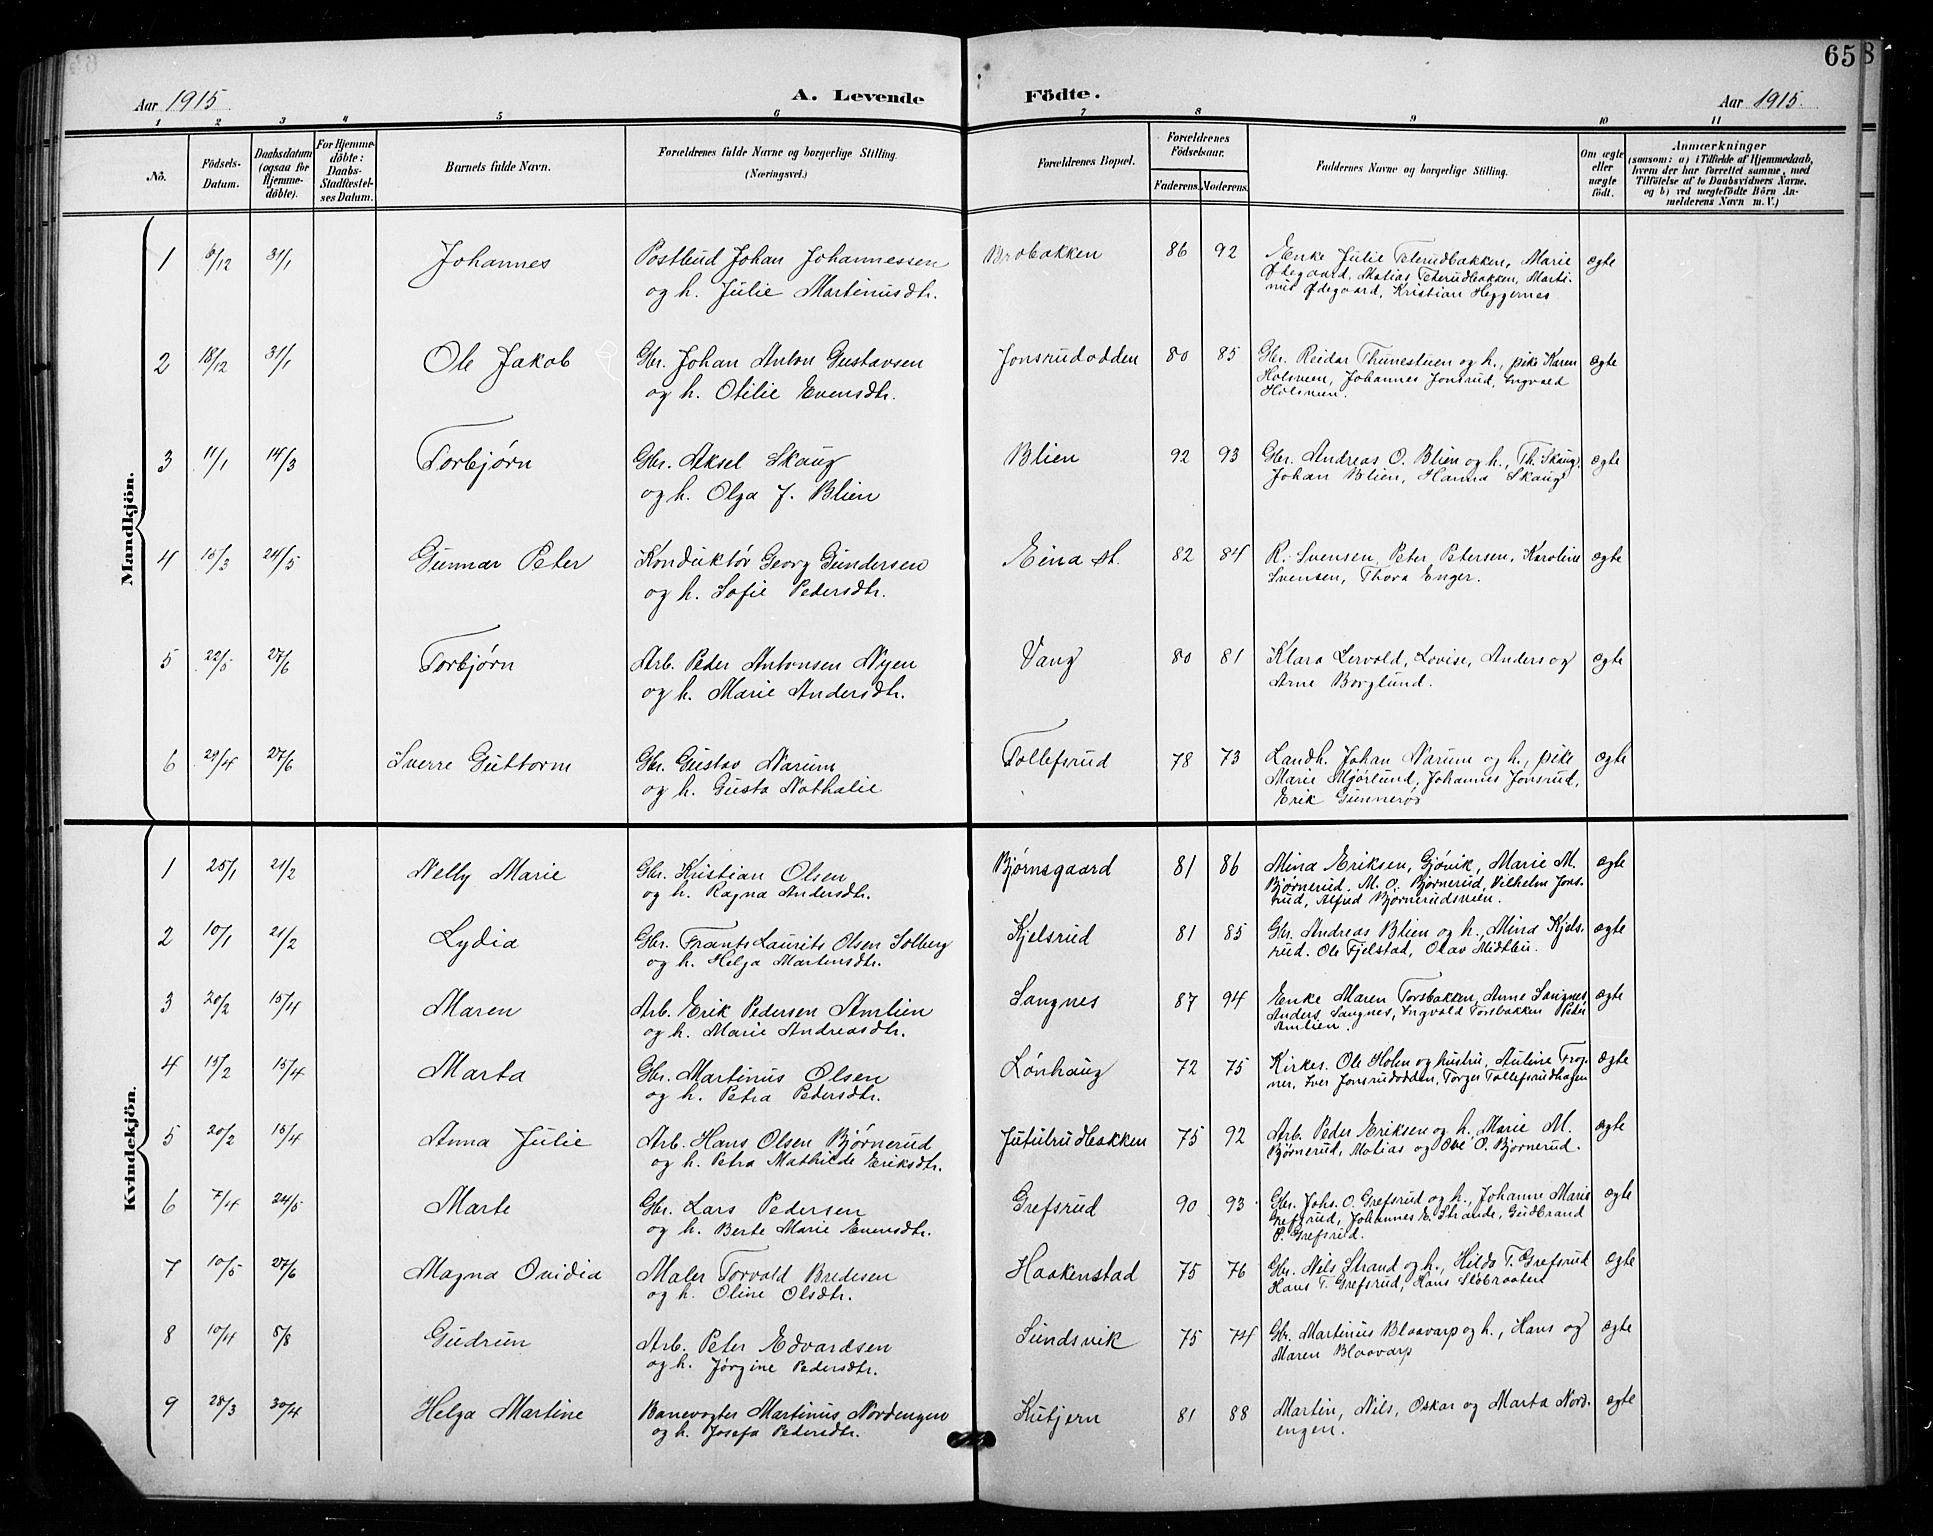 SAH, Vestre Toten prestekontor, Klokkerbok nr. 16, 1901-1915, s. 65